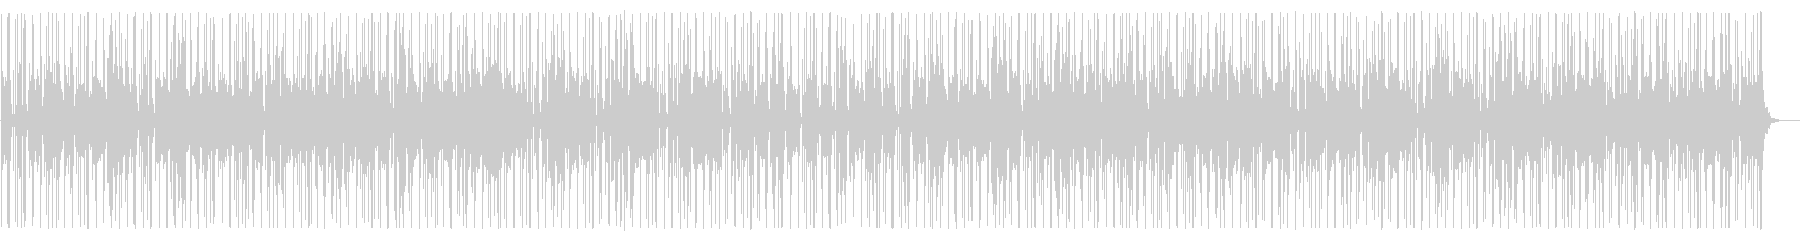 都会/R&B/生演奏_No452_2の未再生の波形